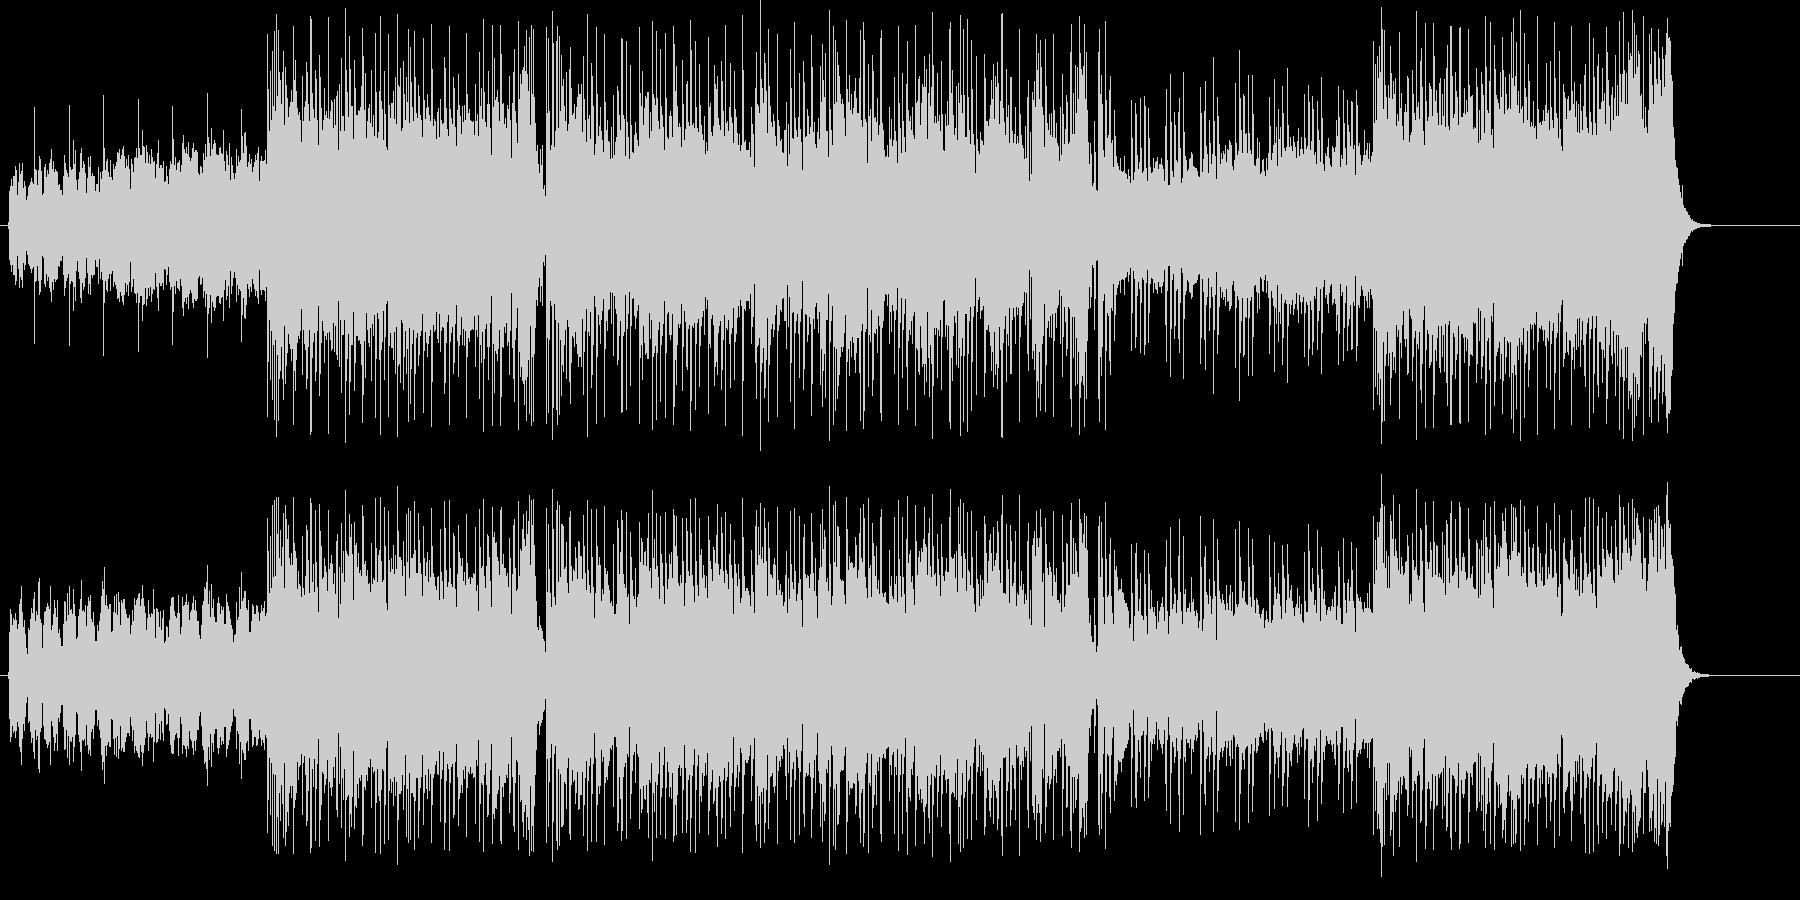 アーバンカジュアルな「スリル」イメージの未再生の波形